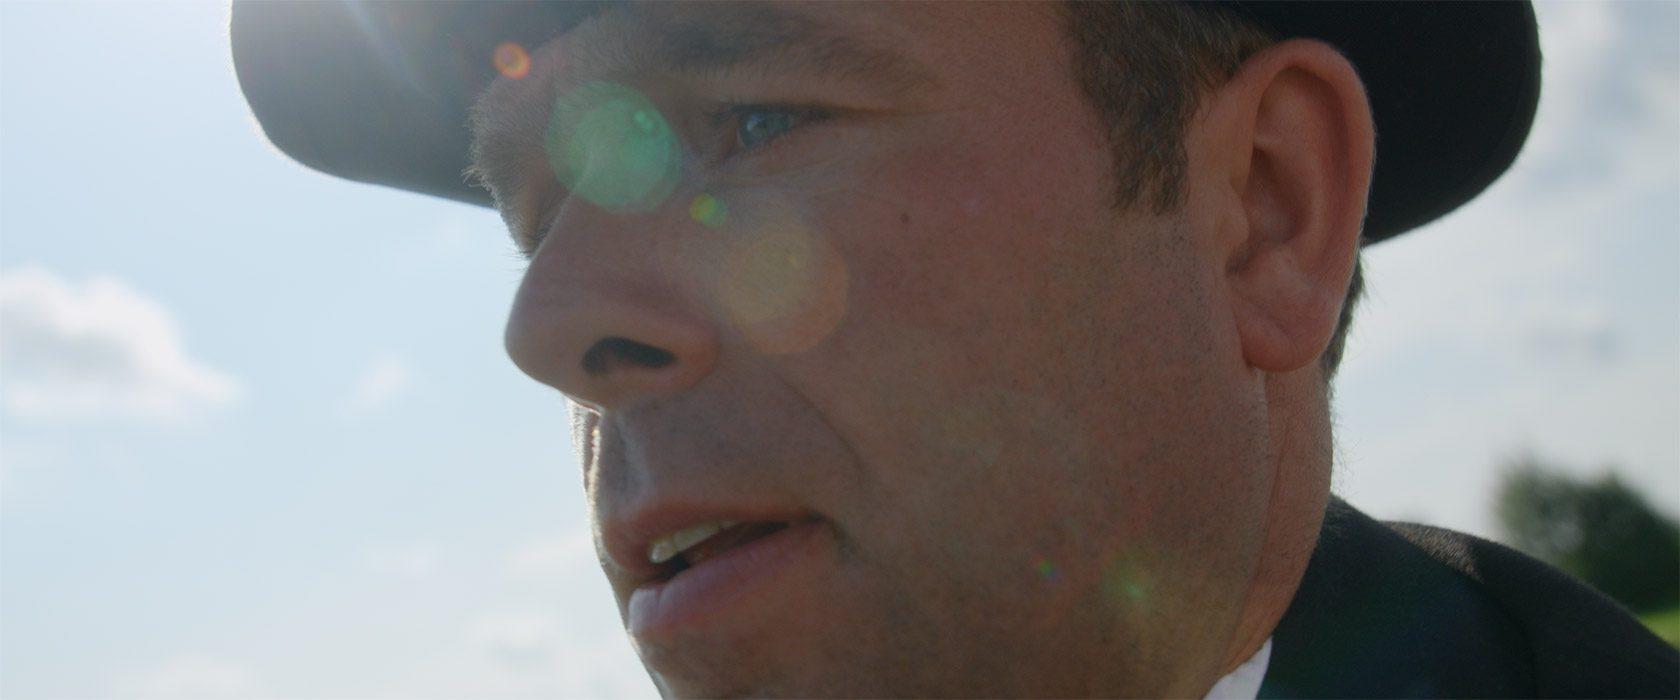 film_still_horses15_1680x700